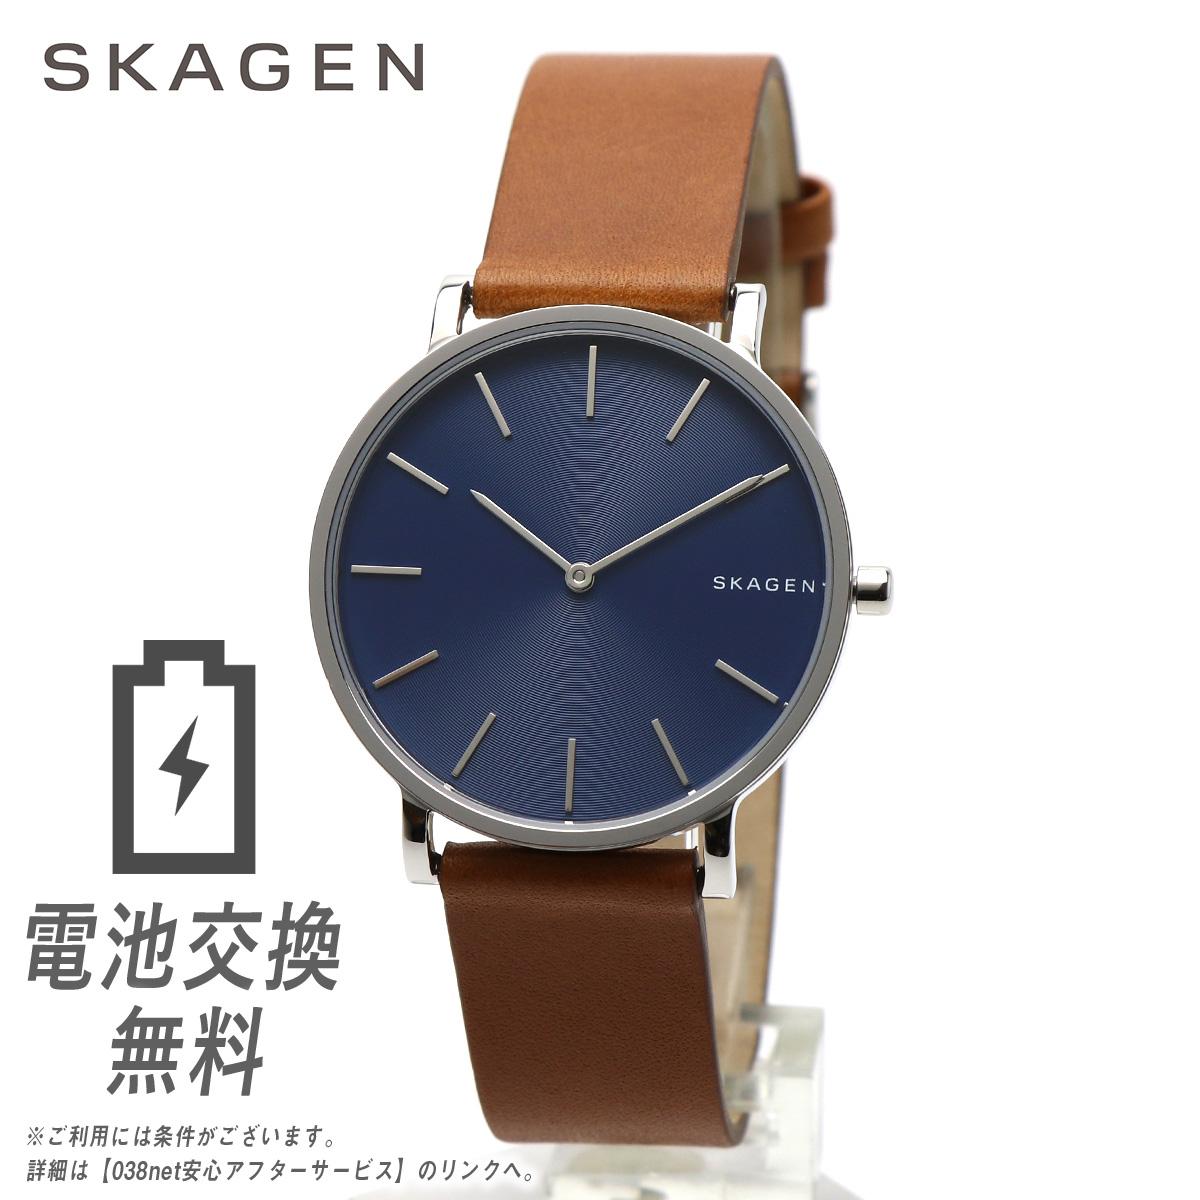 【ラッピング無料】スカーゲン SKAGEN メンズ 男性用 腕時計 SKW6446 HAGEN ハーゲン アナログ メンズウォッチ ネイビー ブラウン レザーベルト 薄型 軽量 北欧 デンマーク シンプル ビジネスウォッチ 時計【父の日ギフト】